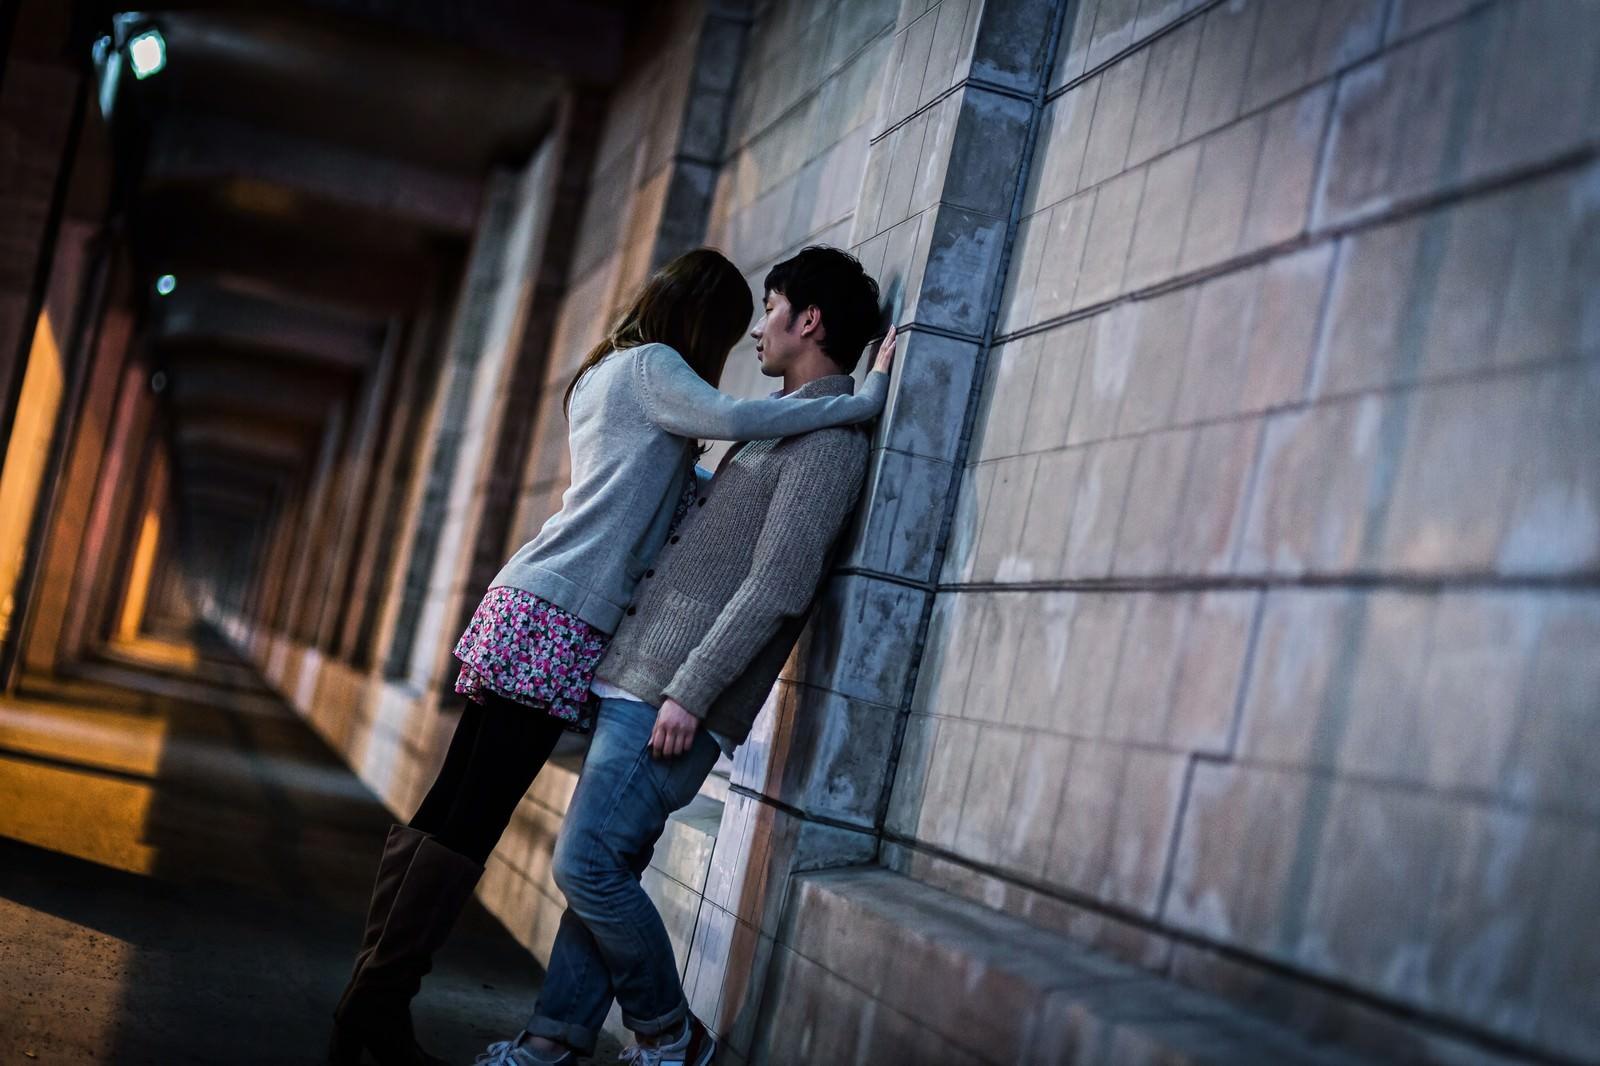 「「わたしの話を聞いて…」女性に壁ドンされる男性」の写真[モデル:大川竜弥]